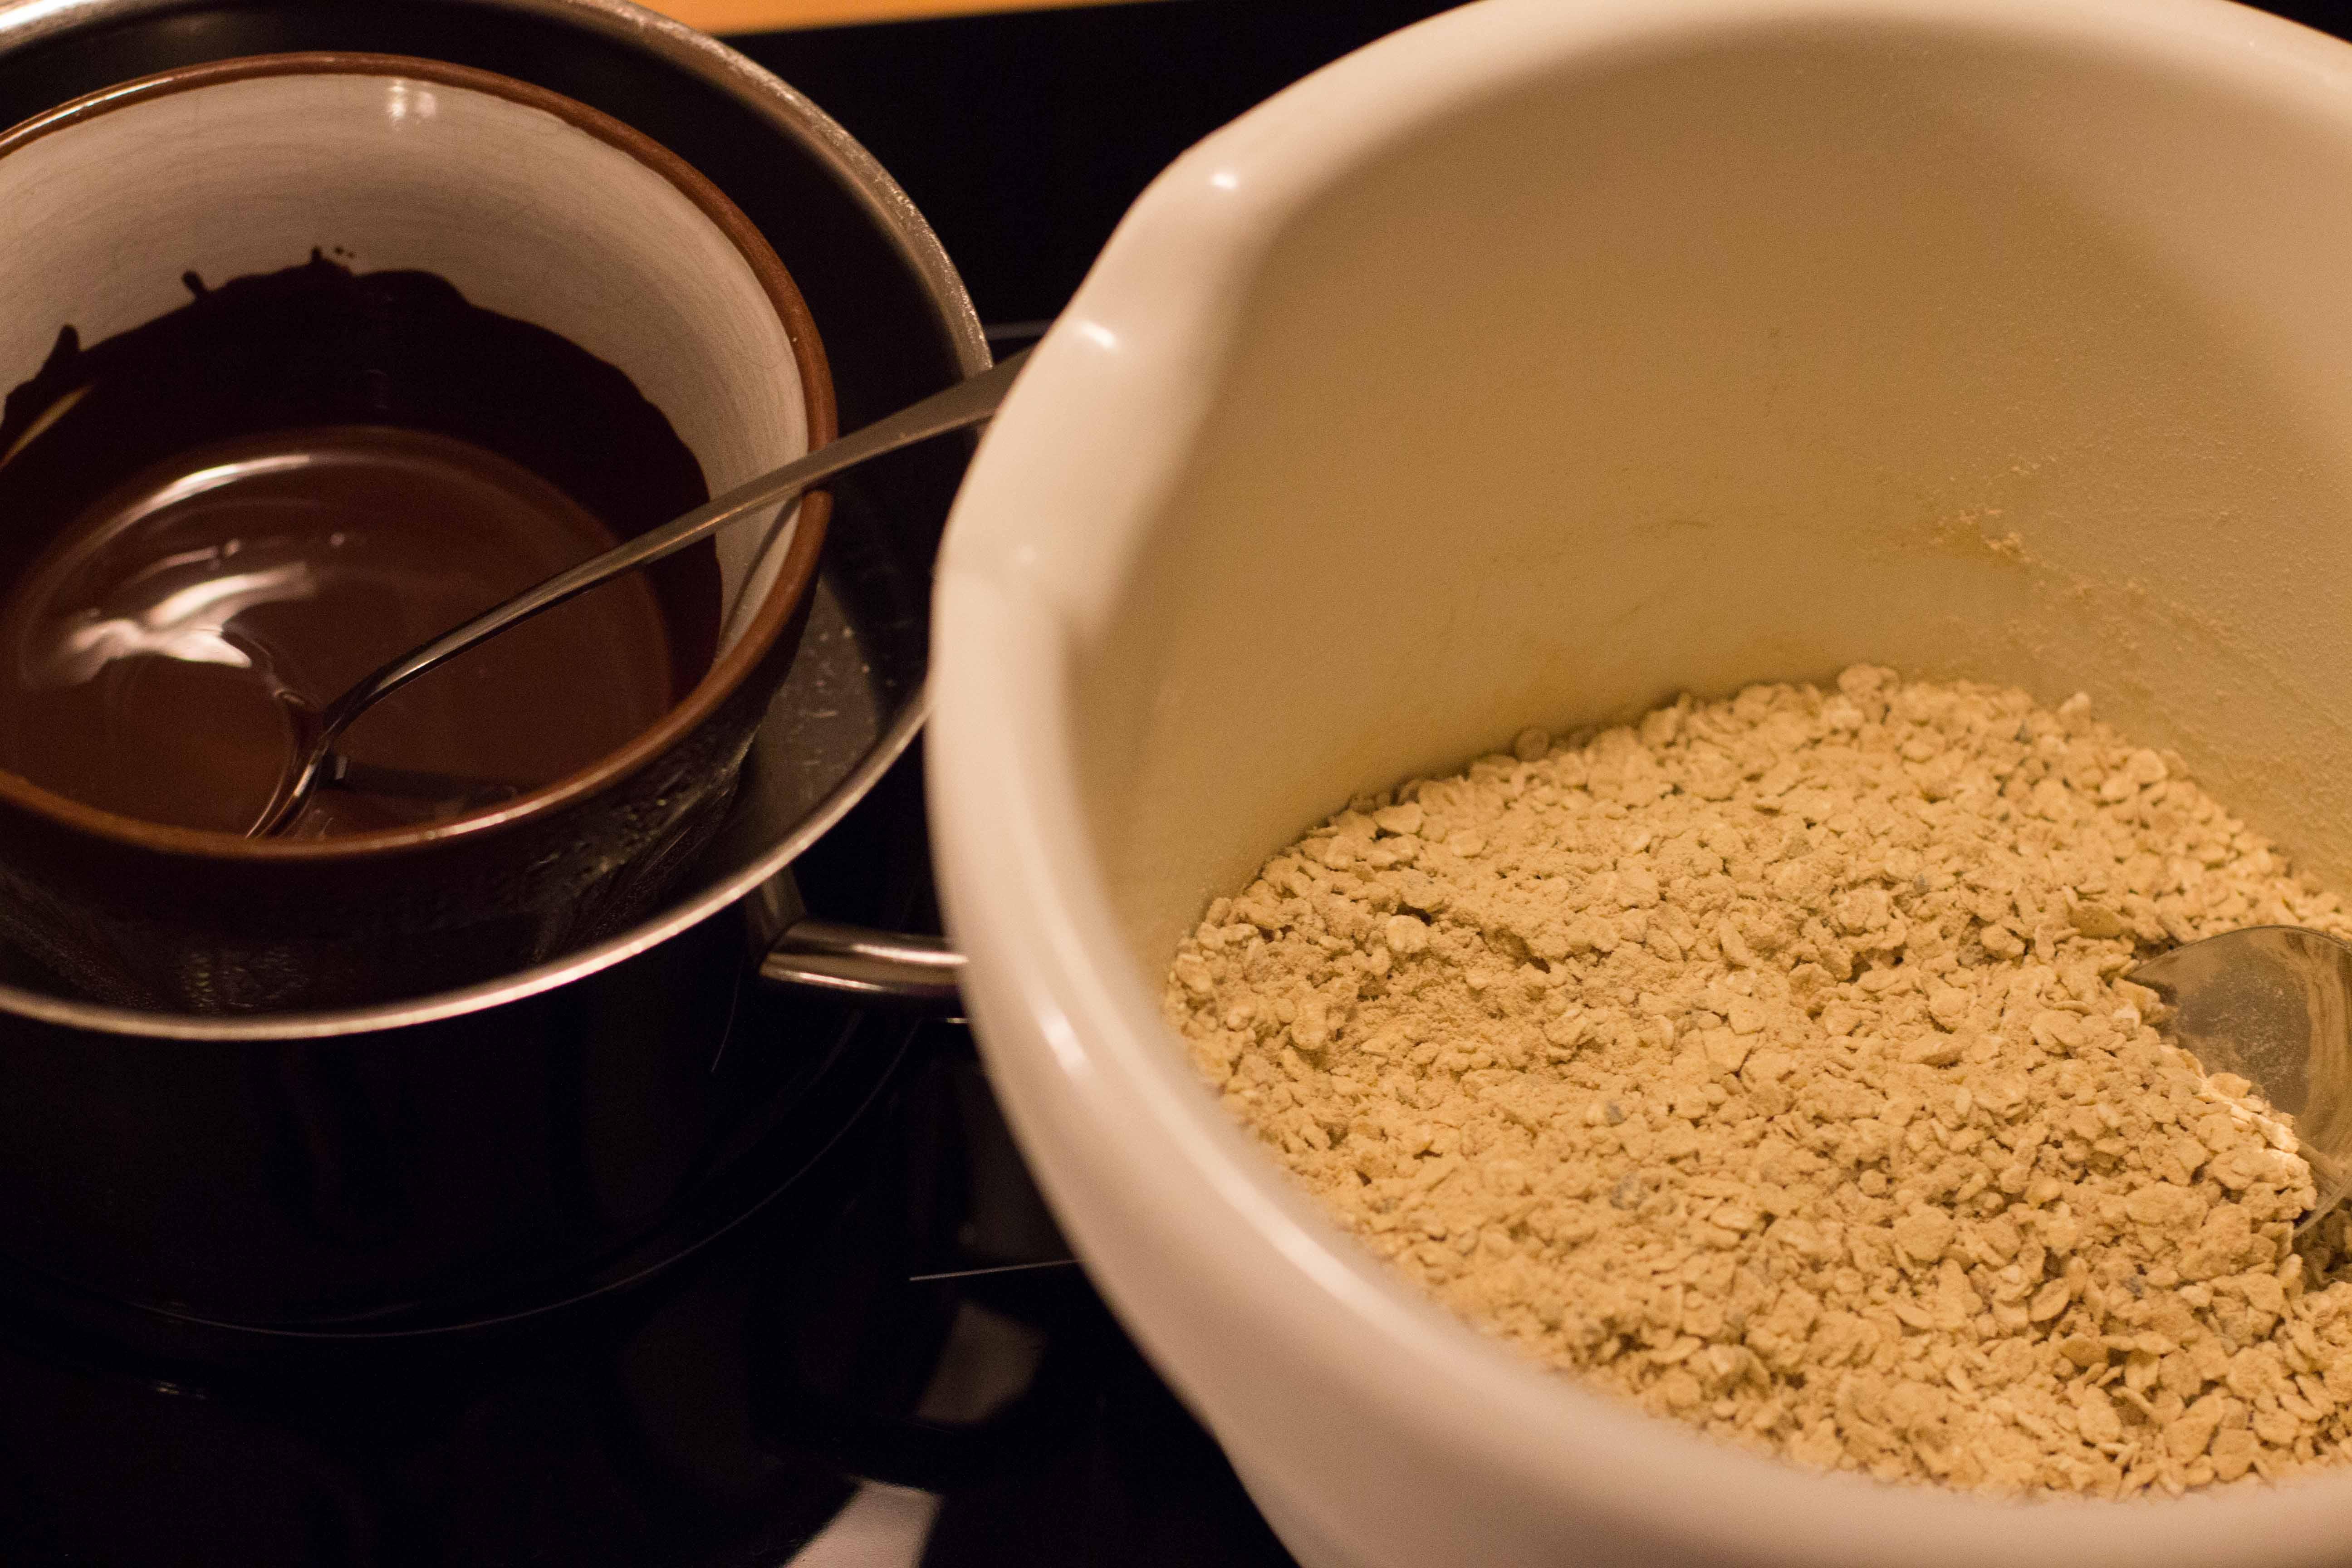 Proteinriegel-Zutaten: Schüssel mit trockenen Zutaten und geschmolzene Zartbitter Schokolade